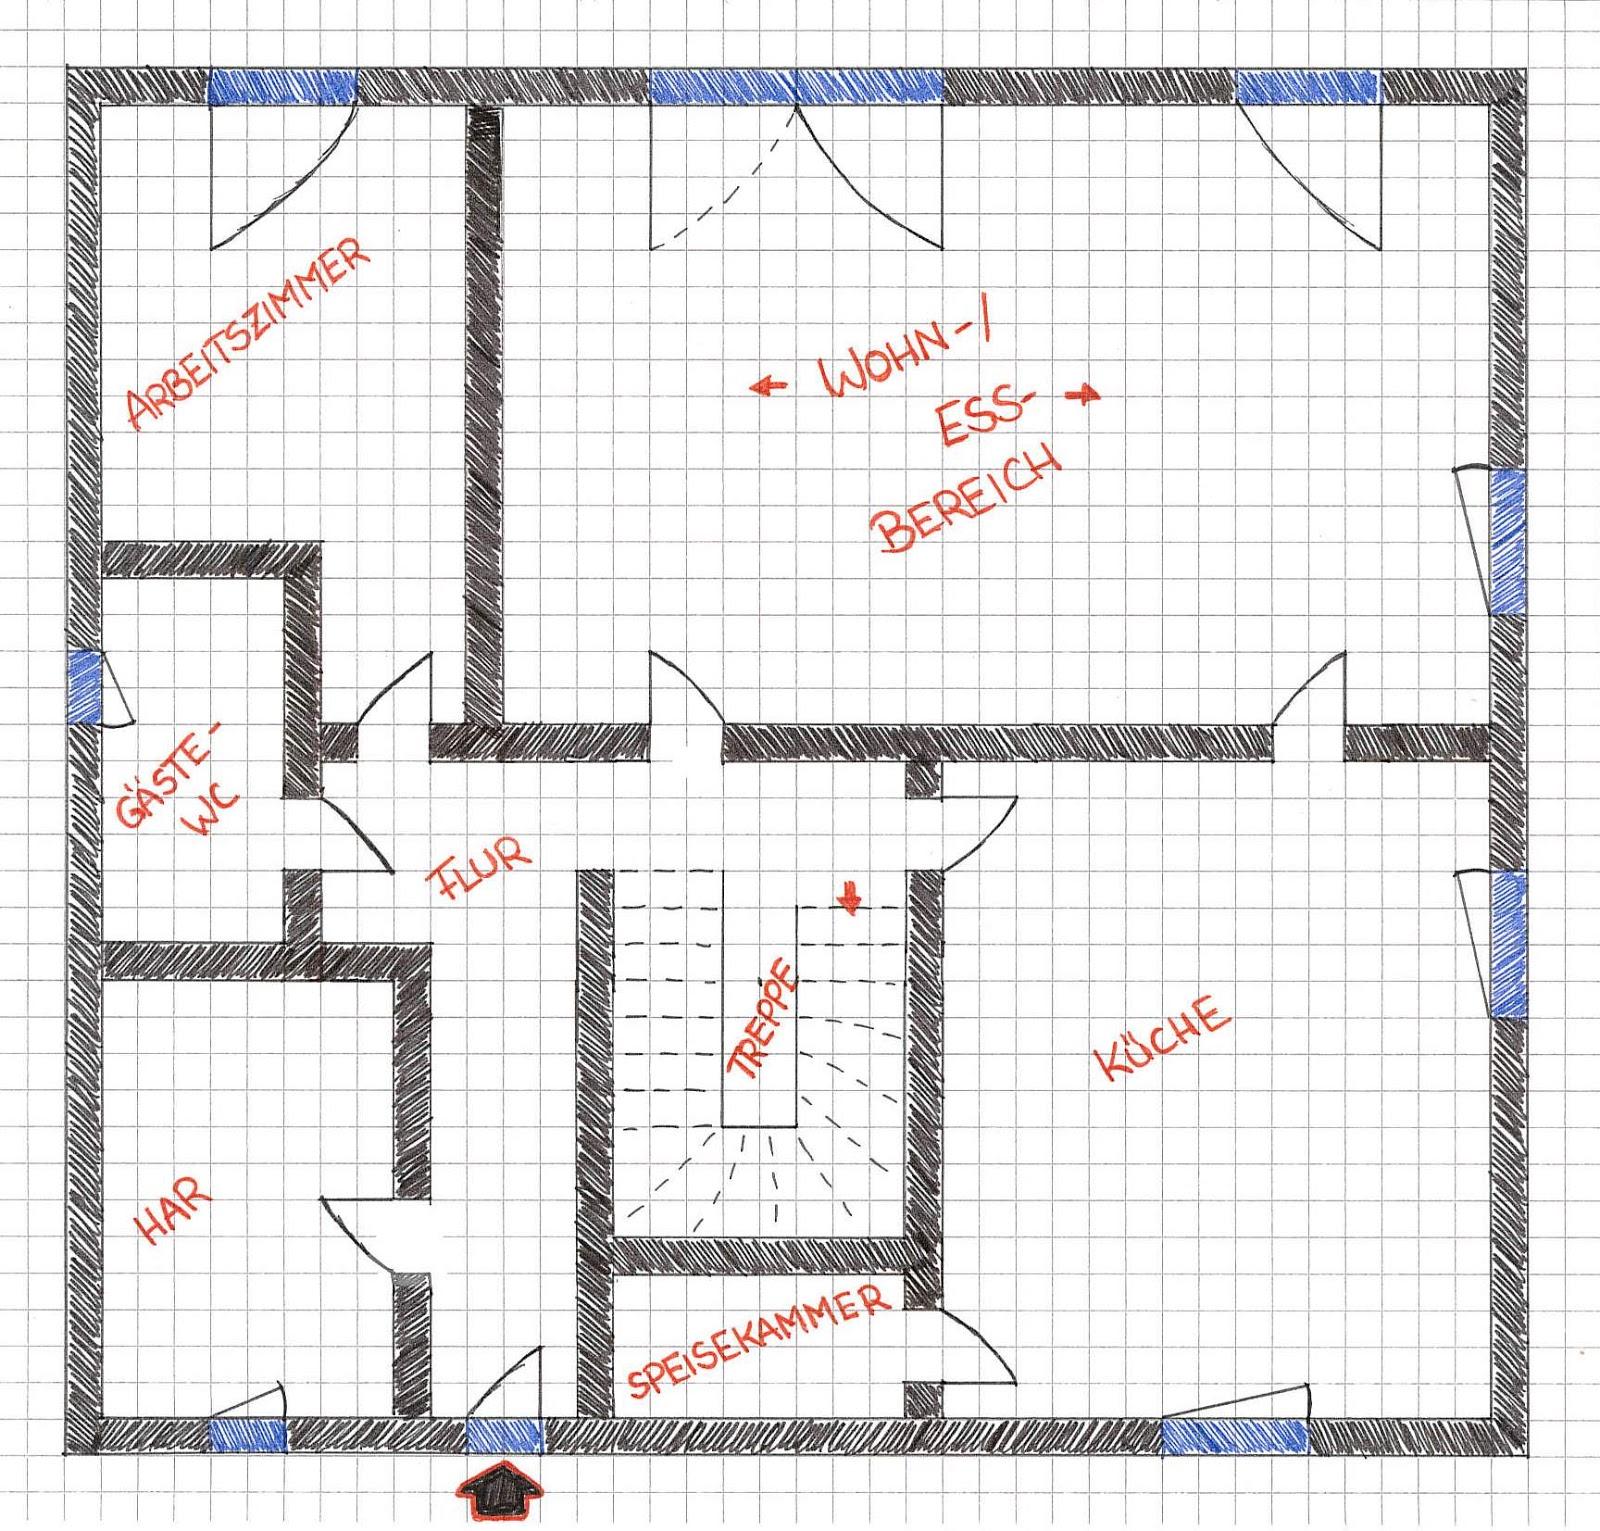 Wir bauen mit massa haus der architektentermin for Wohnzimmer quadratisch grundriss